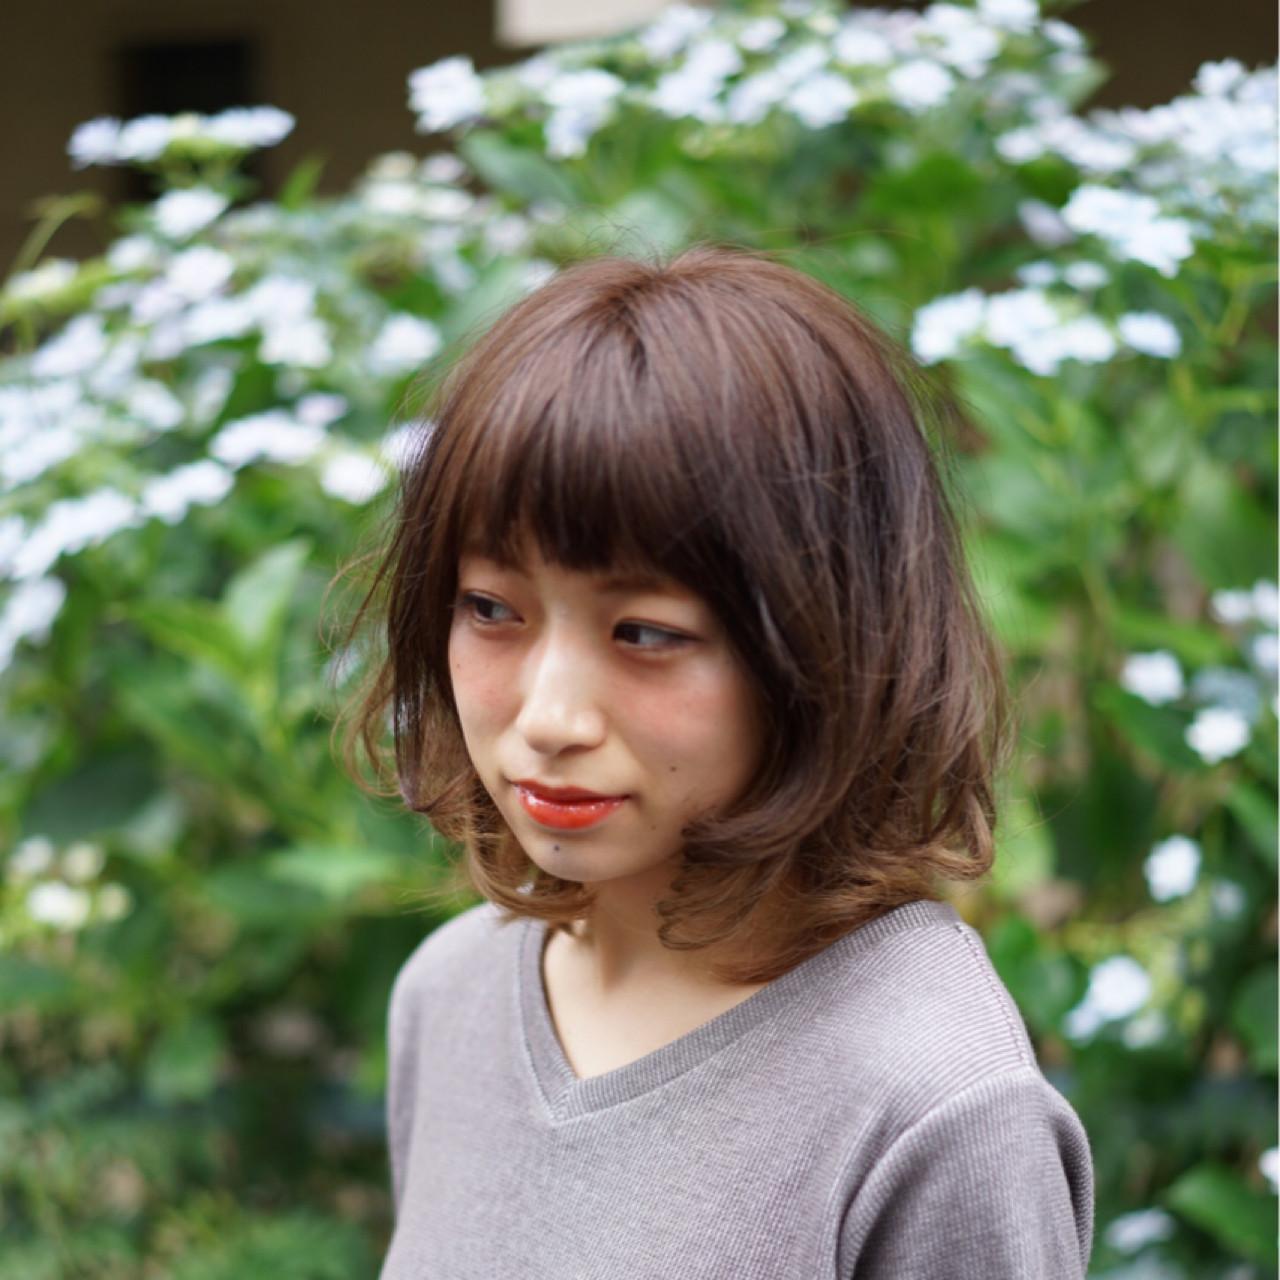 ゆるふわ ミディアム ストリート 前髪あり ヘアスタイルや髪型の写真・画像